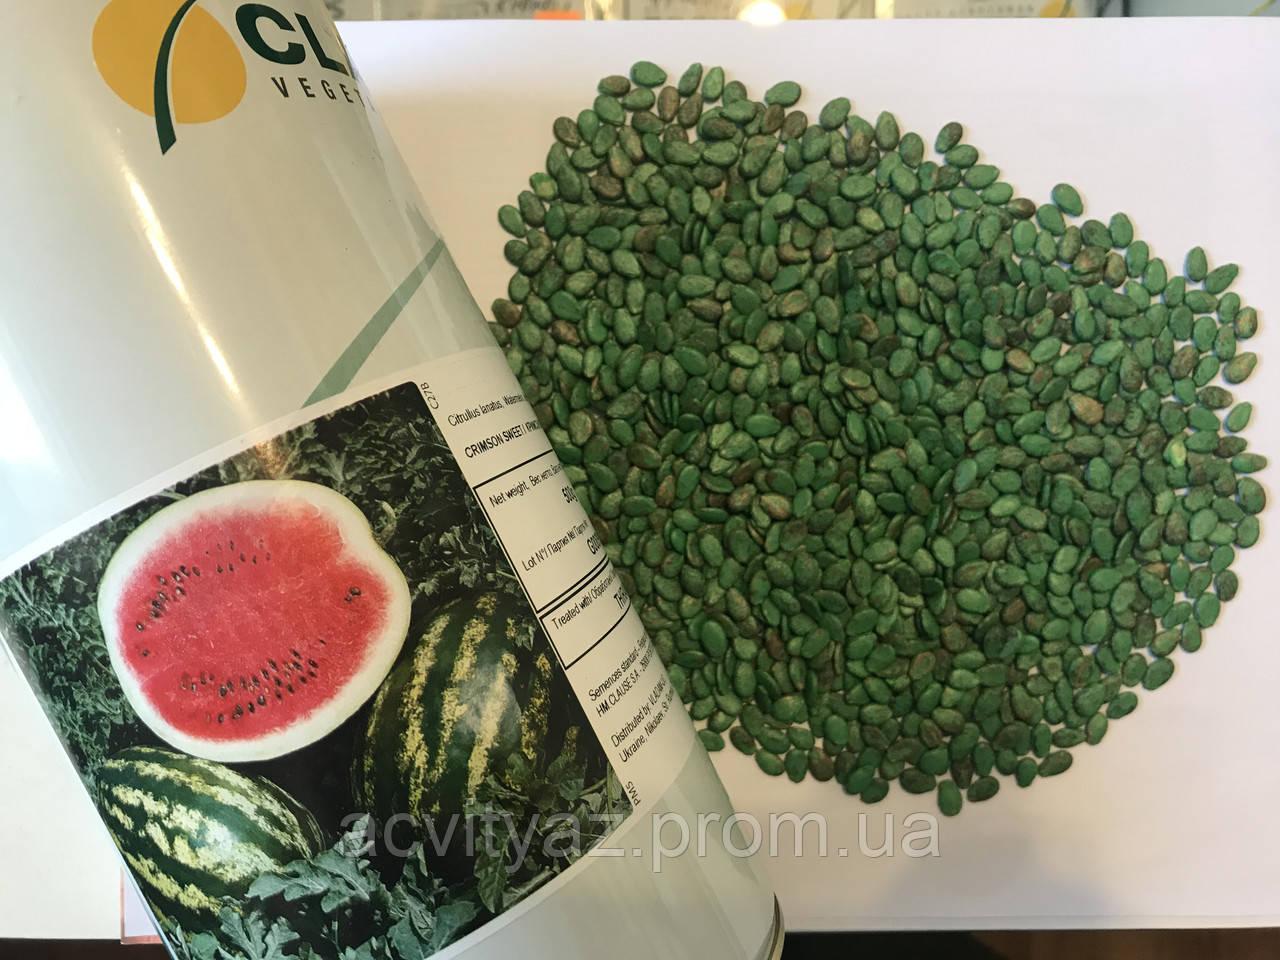 Семена арбуза КРЫМСОН СВИТ, 0, 5 кг